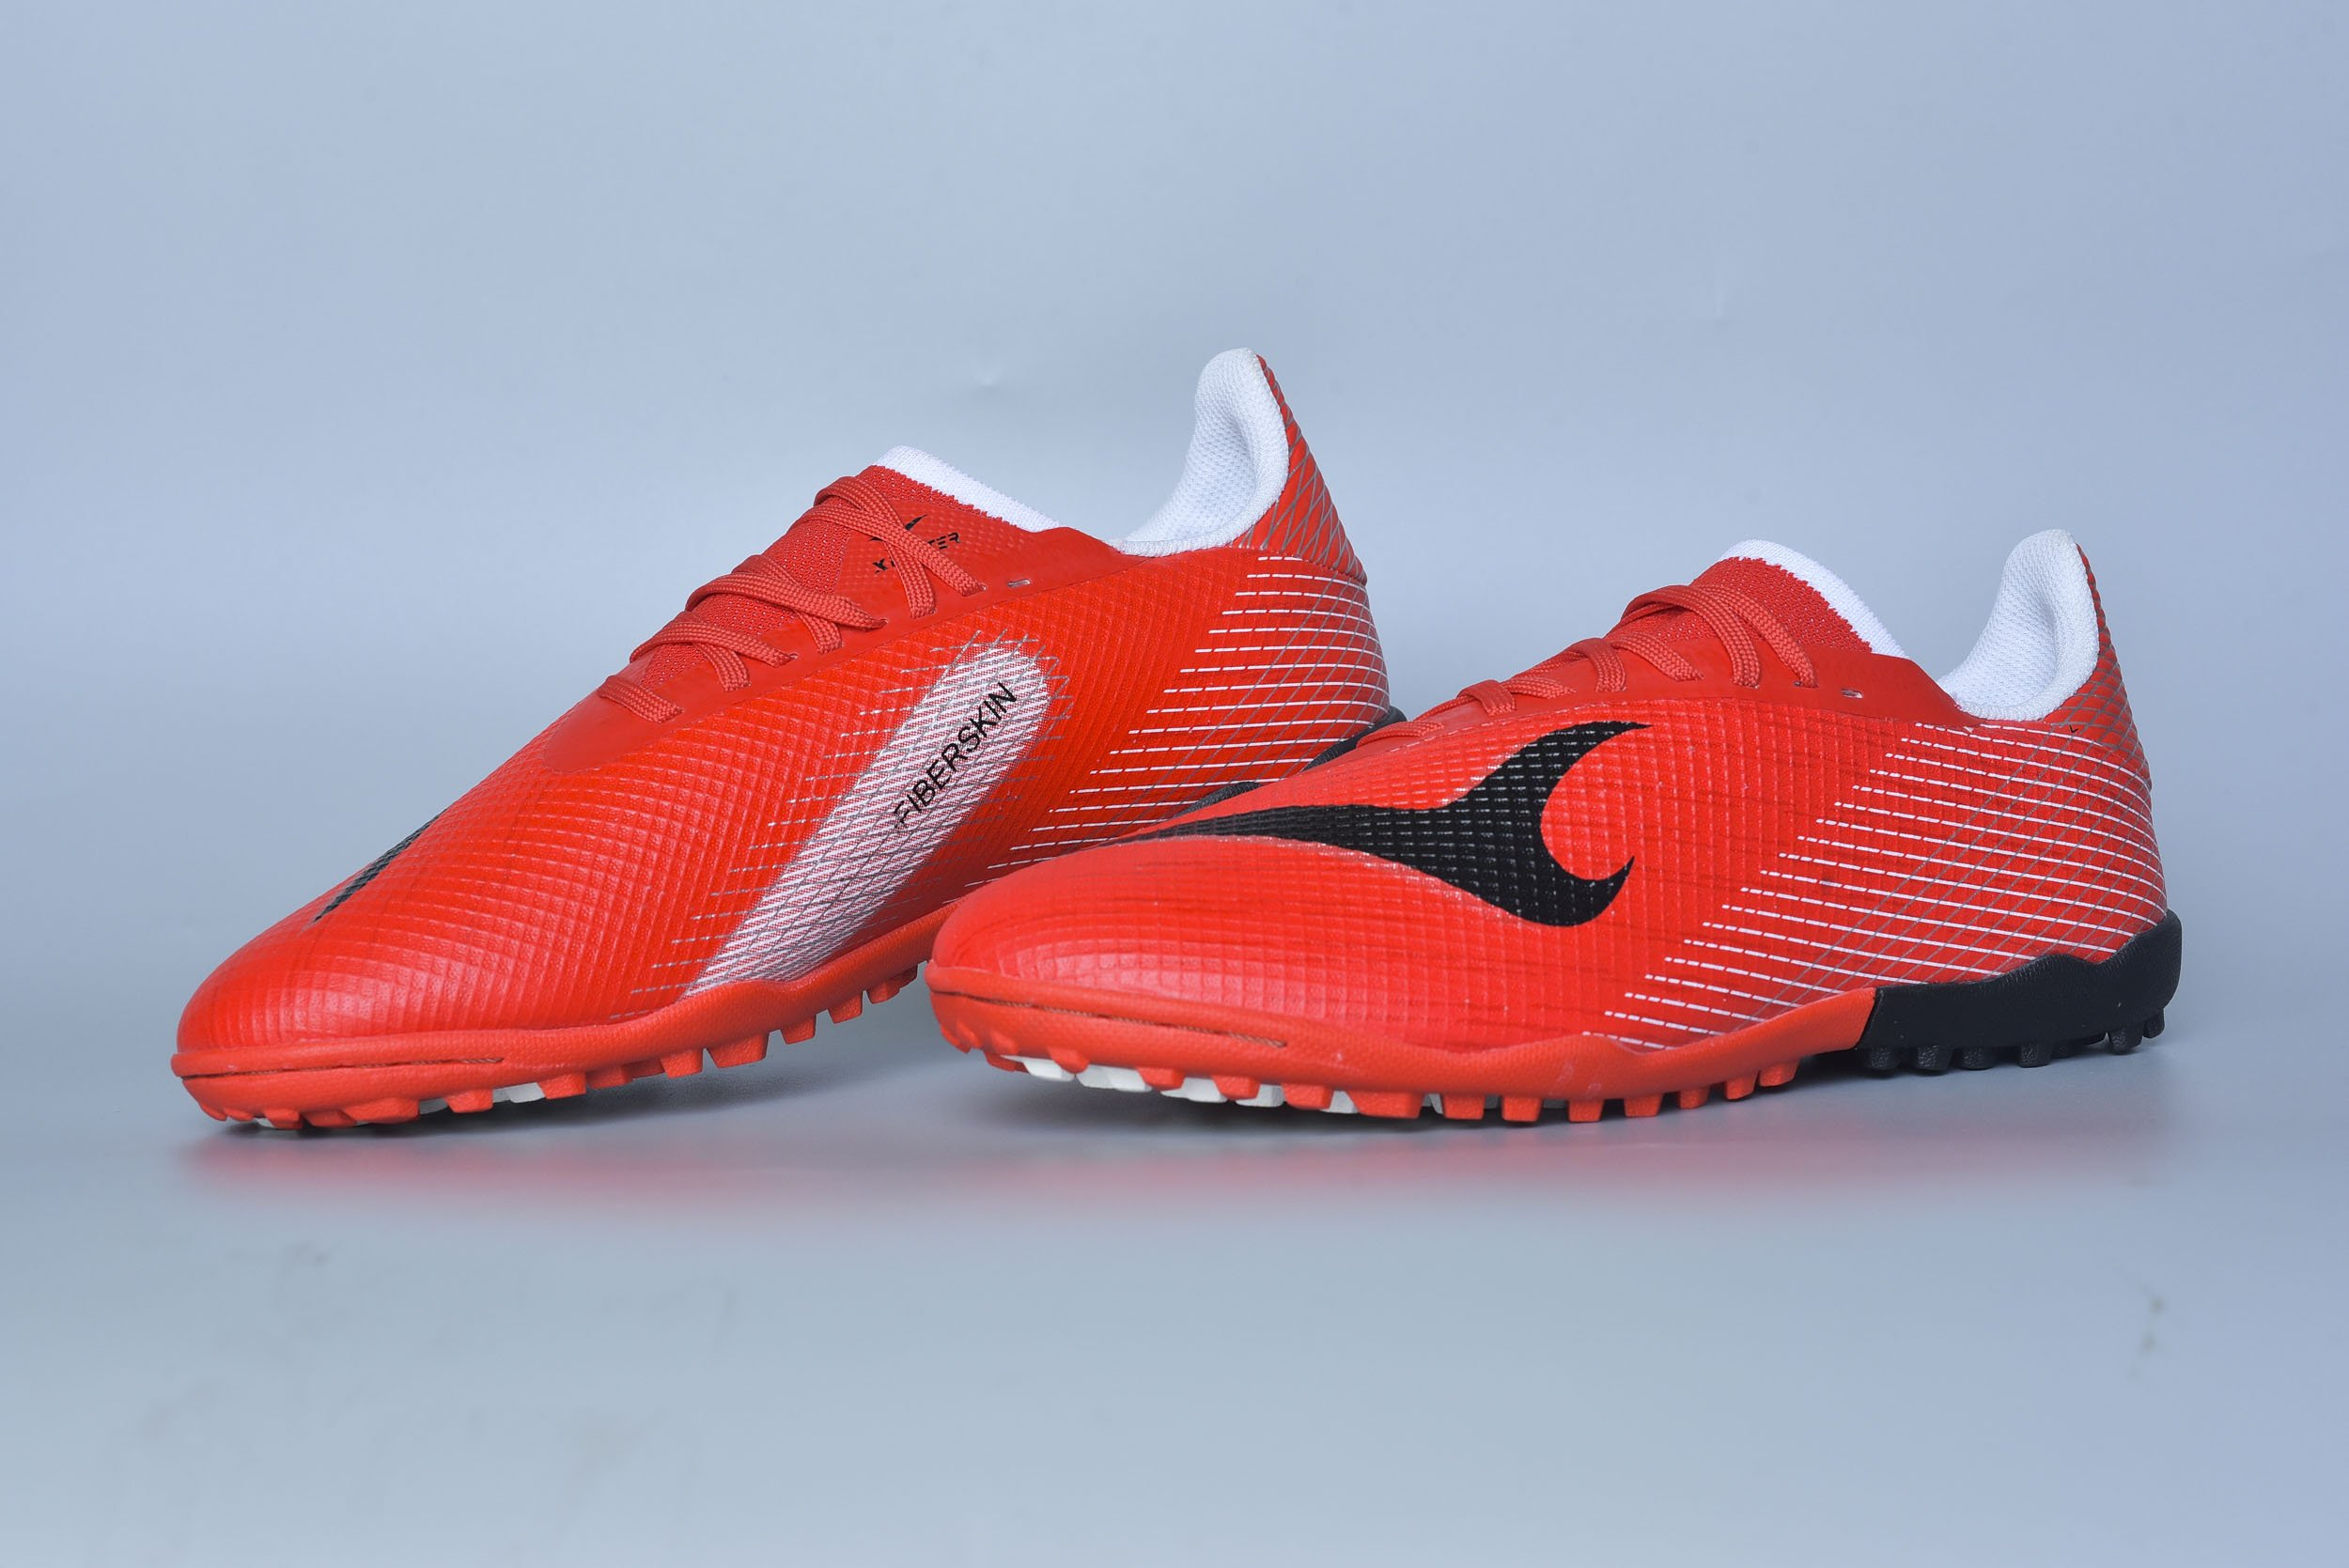 Giày đá banh Xfaster X  Eagle -TF- Đỏ/Đen